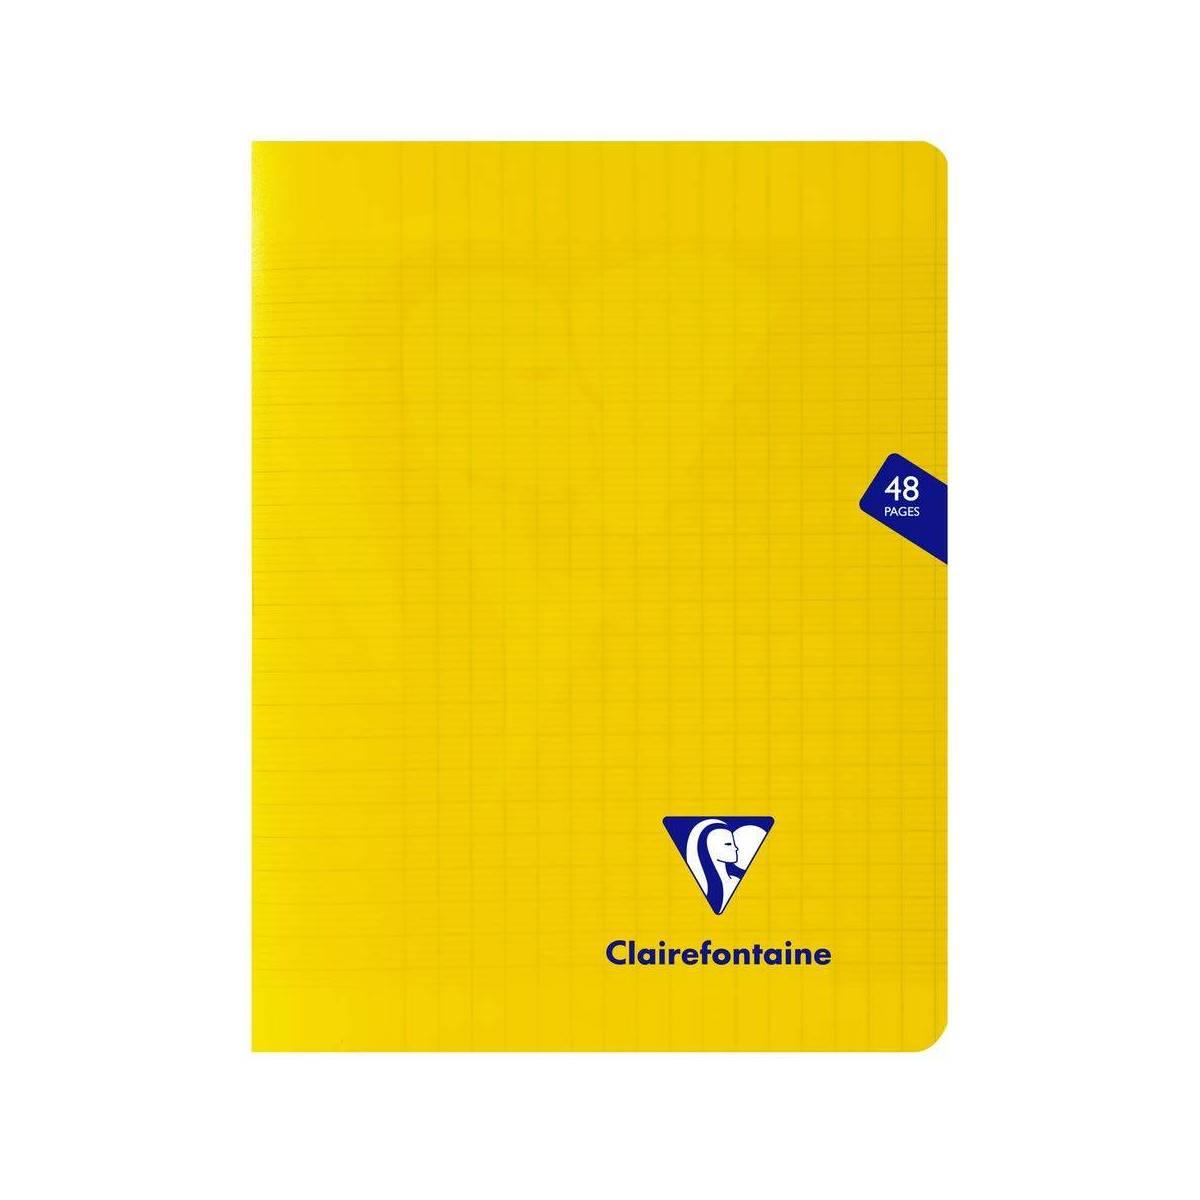 Clairefontaine - Cahier Mimesys Piqué Polypro Transparent - Grands Carreaux - 48 Pages - 17 x 22 cm